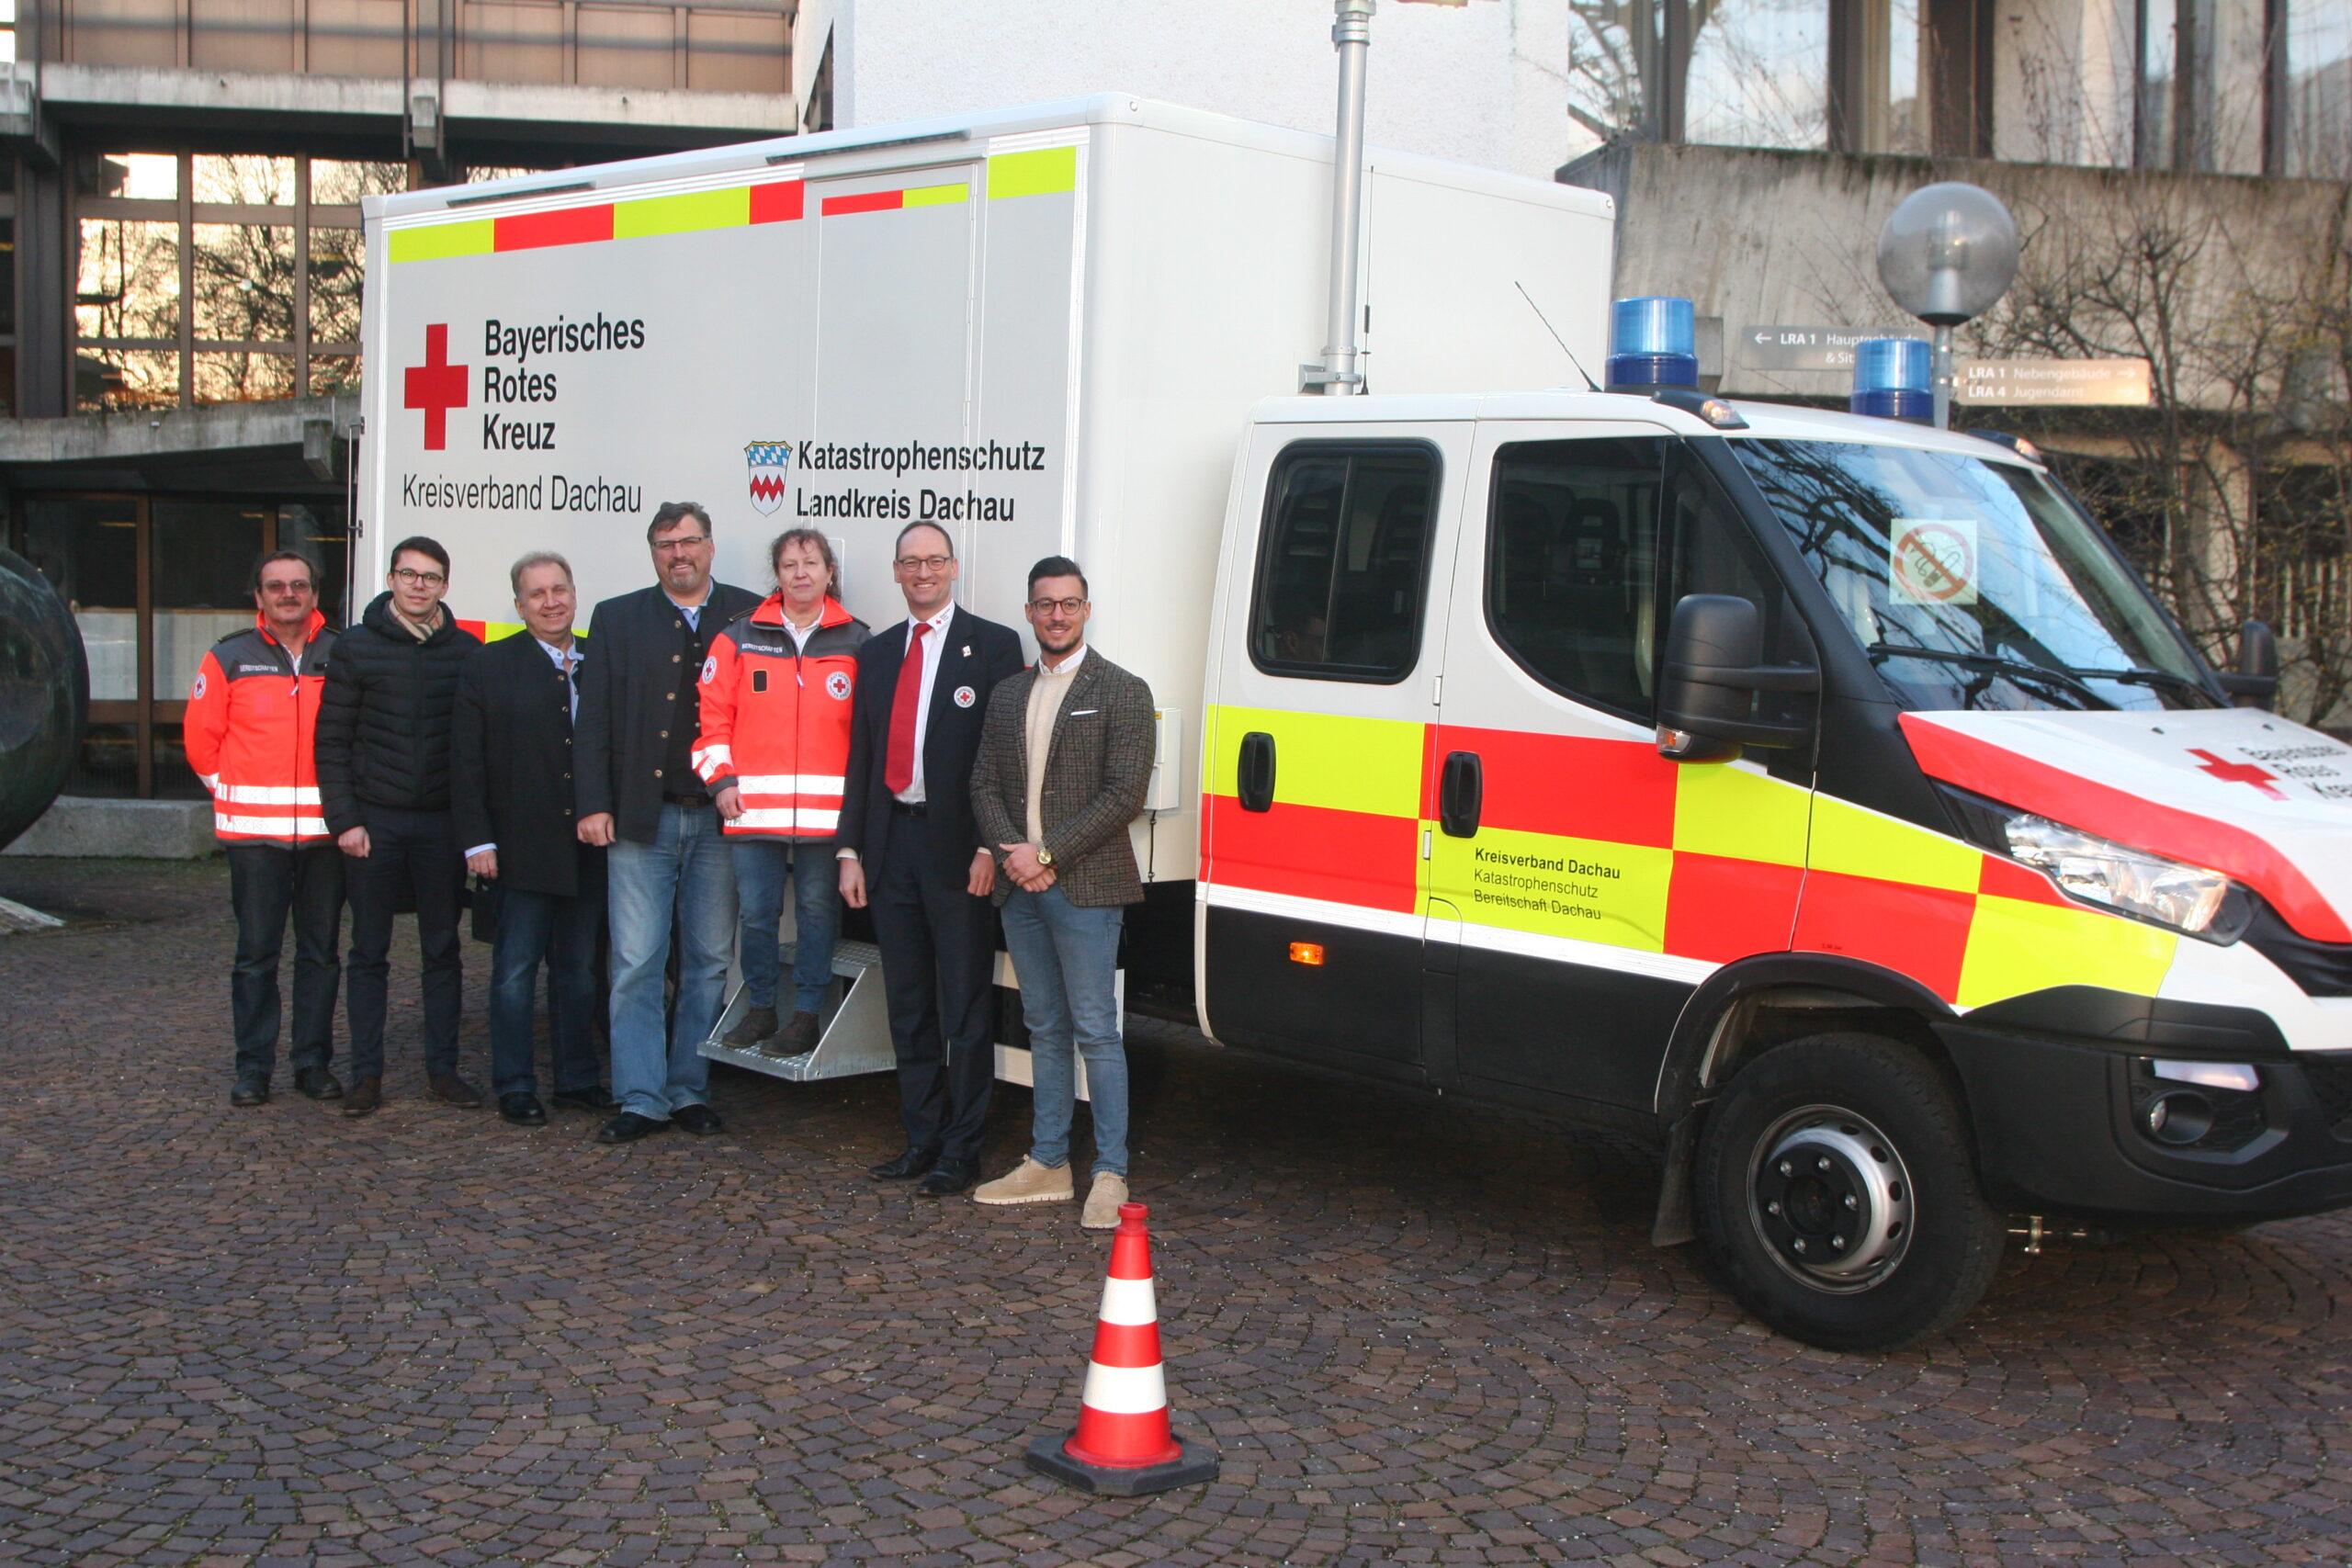 Foto (von li nach re): Erwin Jocham, Dennis Behrendt, Franz Bründler, Stefan Löwl, Birgitta Huber, Bernhard Seidenath und Maximilian Mayer.